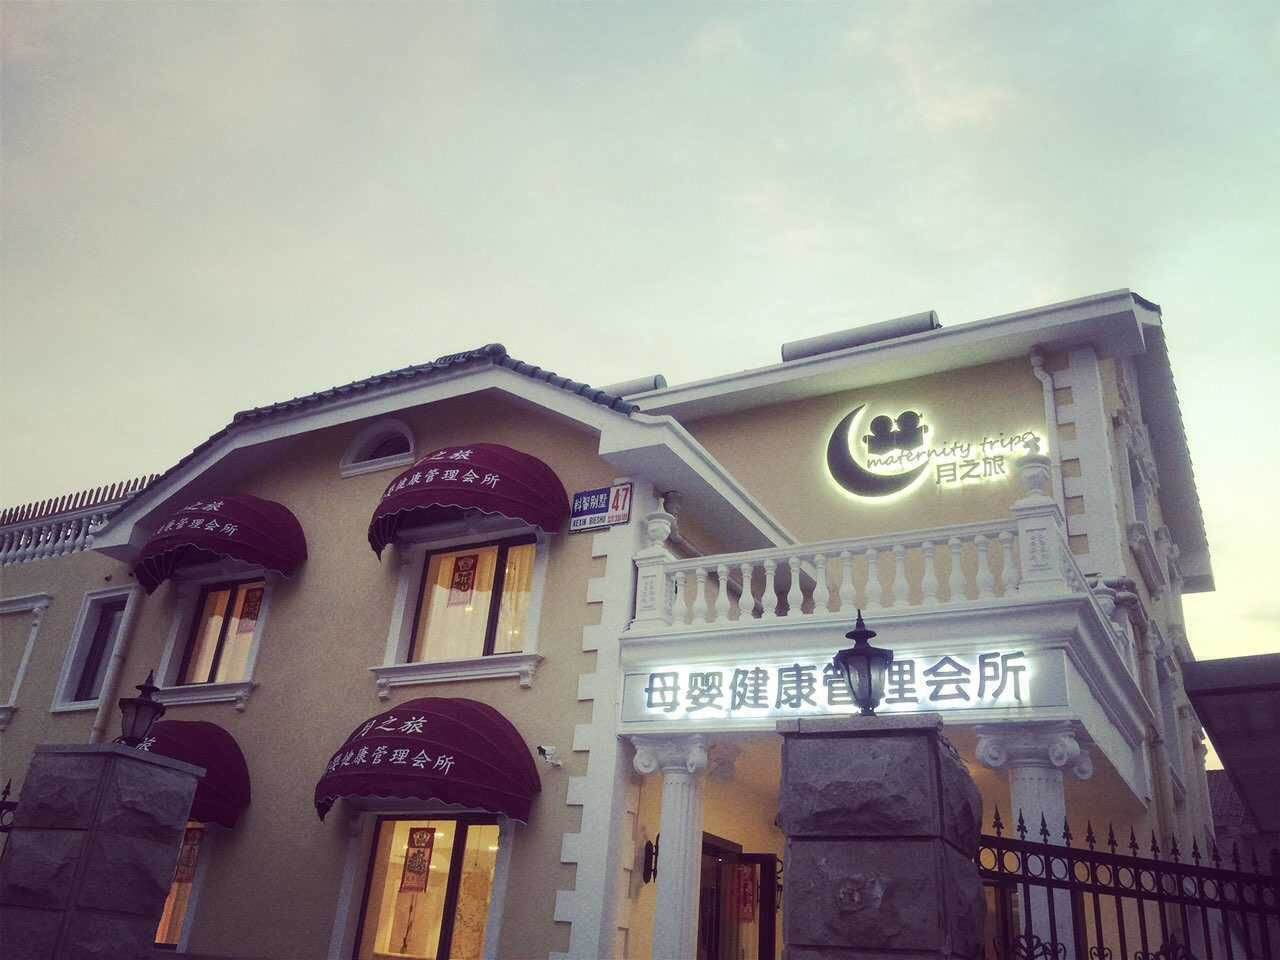 天津滨海新区高新区月之旅健康咨询服务中心